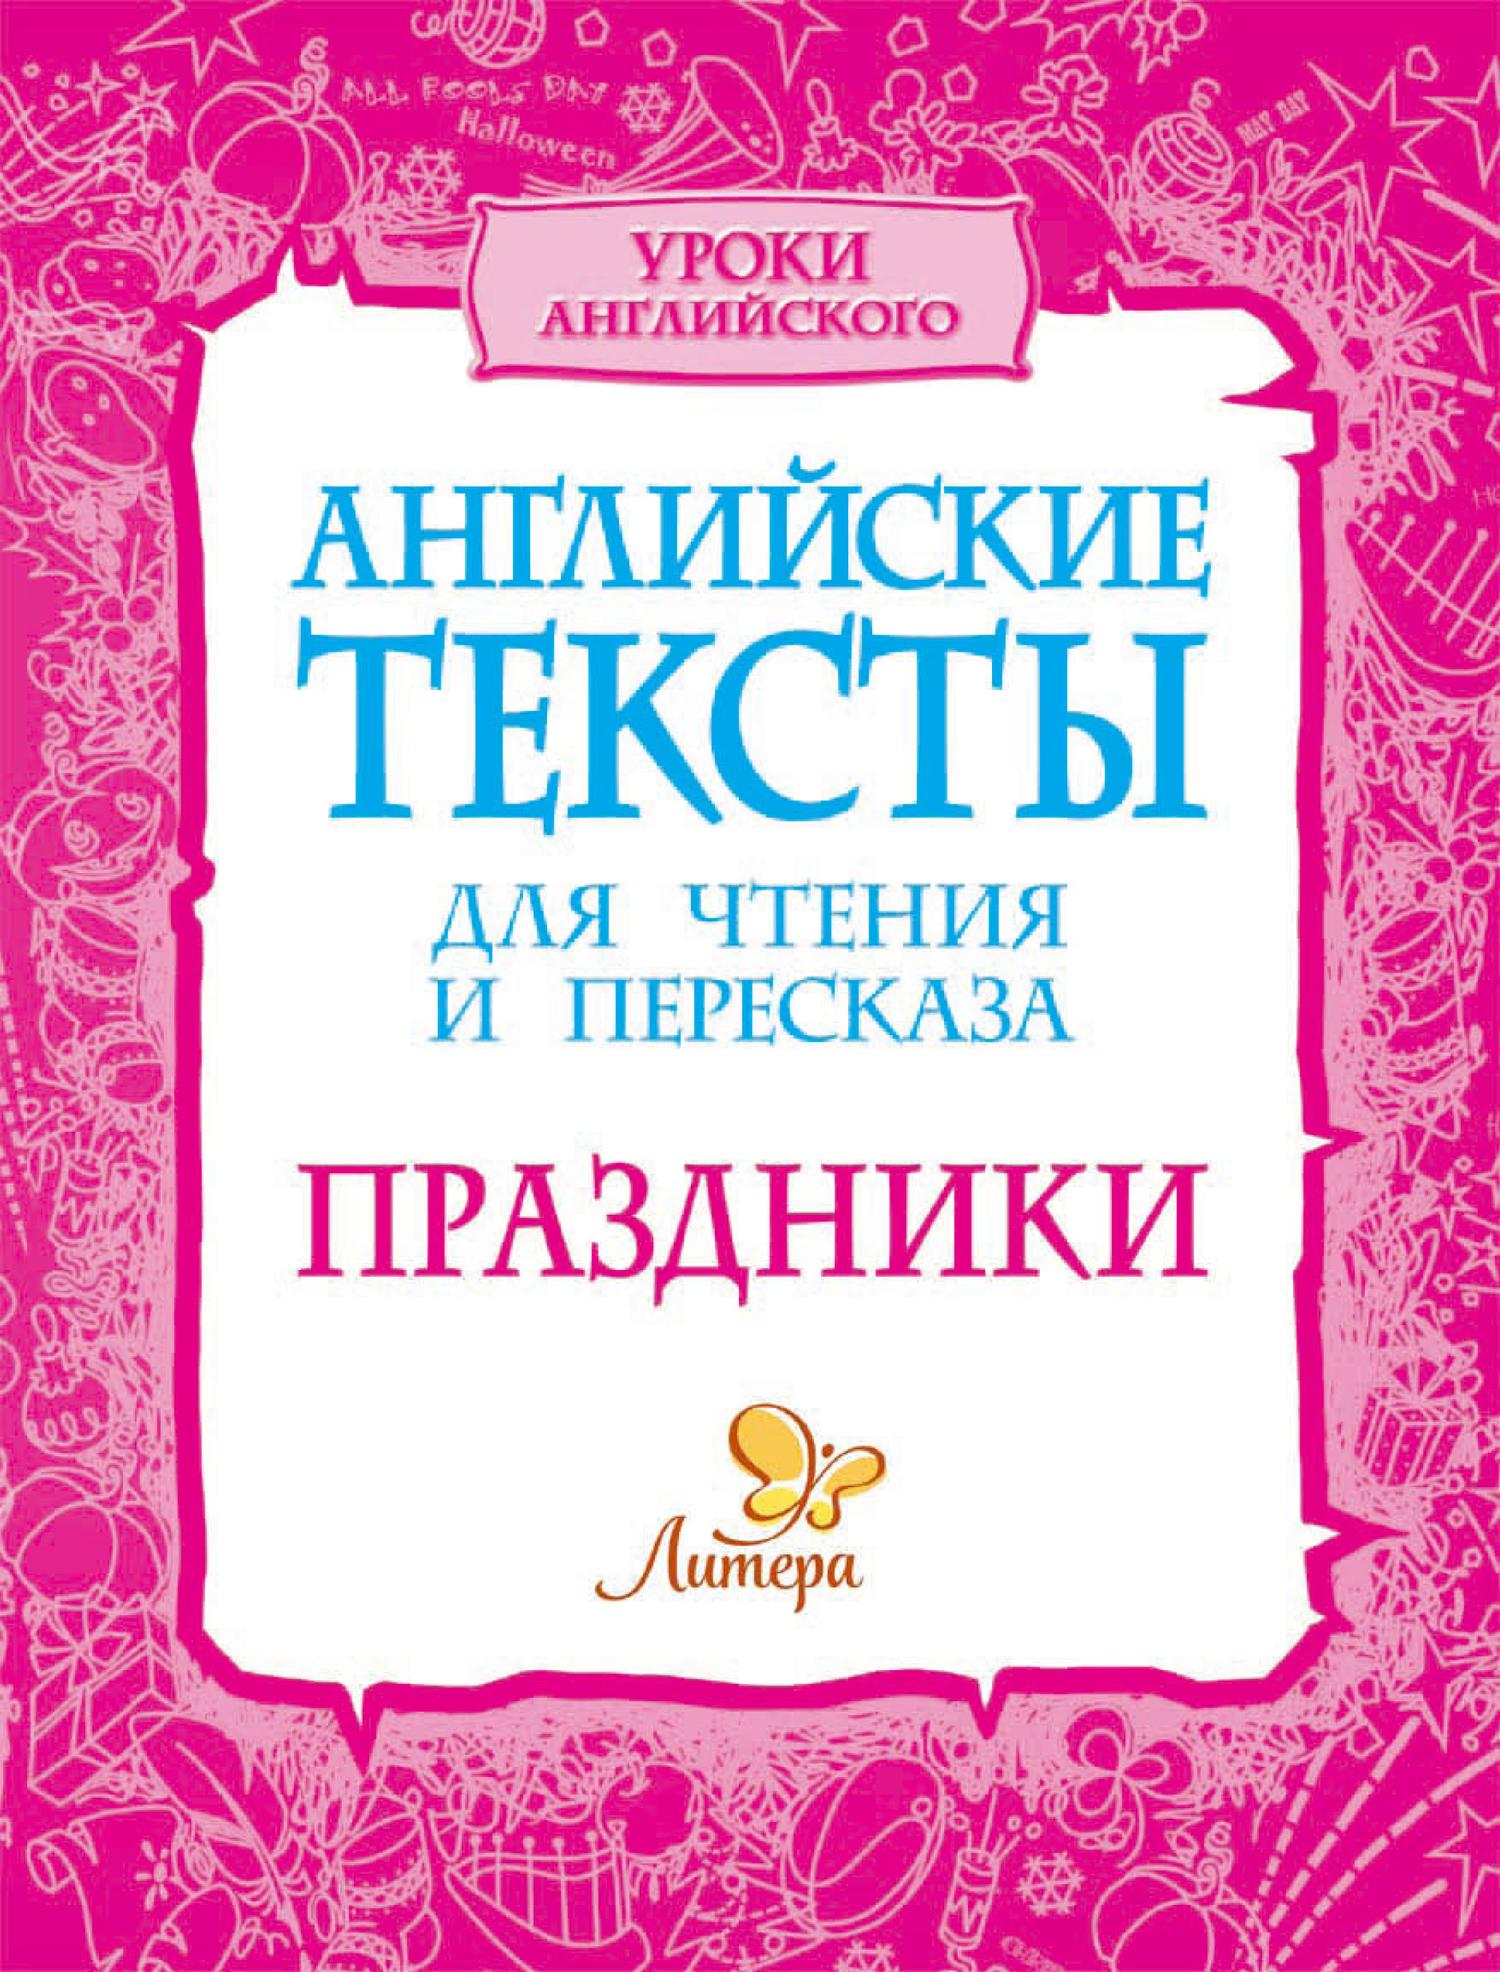 Обложка книги Английские тексты для чтения и пересказа. Праздники, автор Елена Ганул